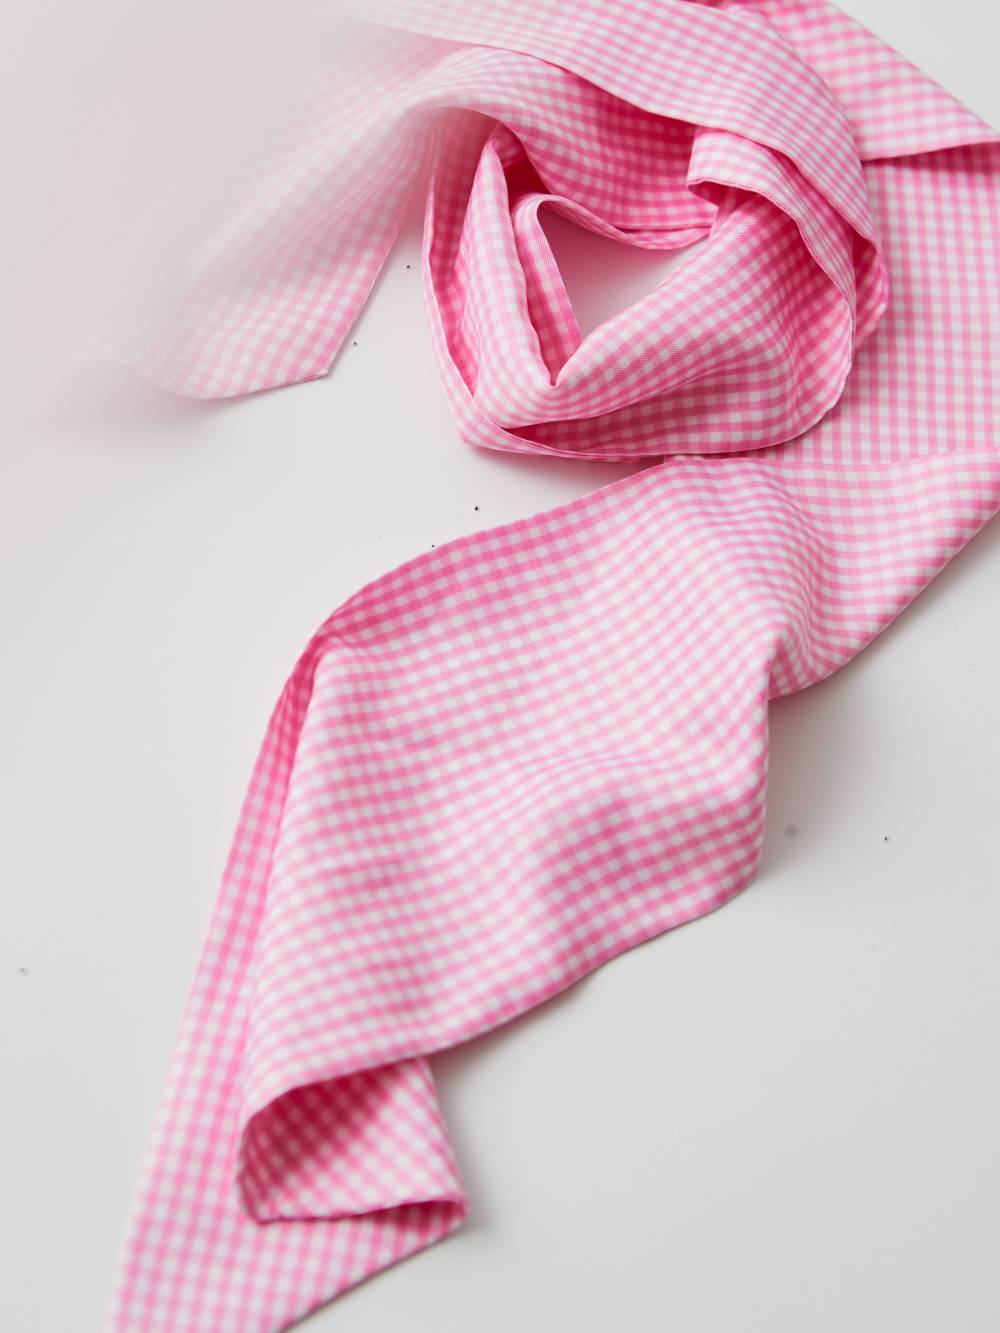 gingham, pink, valentine's day, neckerchief, accessories